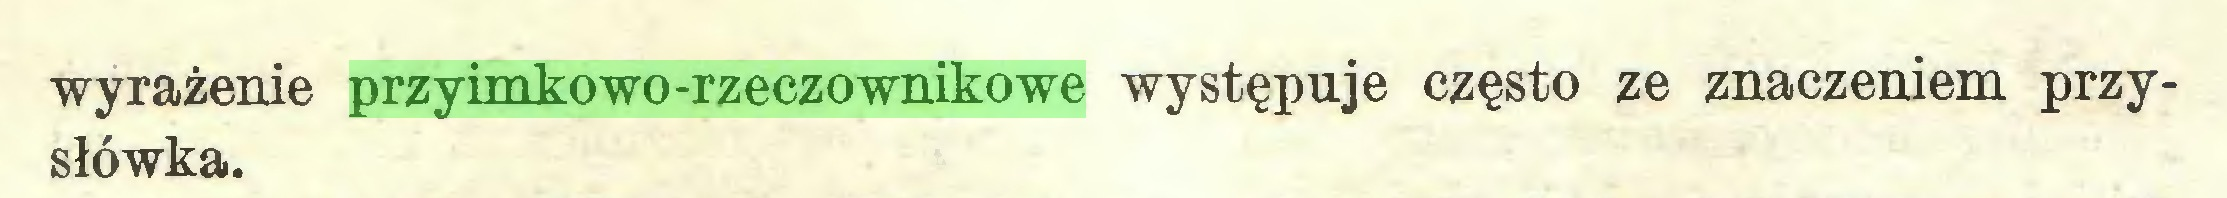 (...) wyrażenie przyimkowo-rzeczownikowe występuje często ze znaczeniem przysłówka...